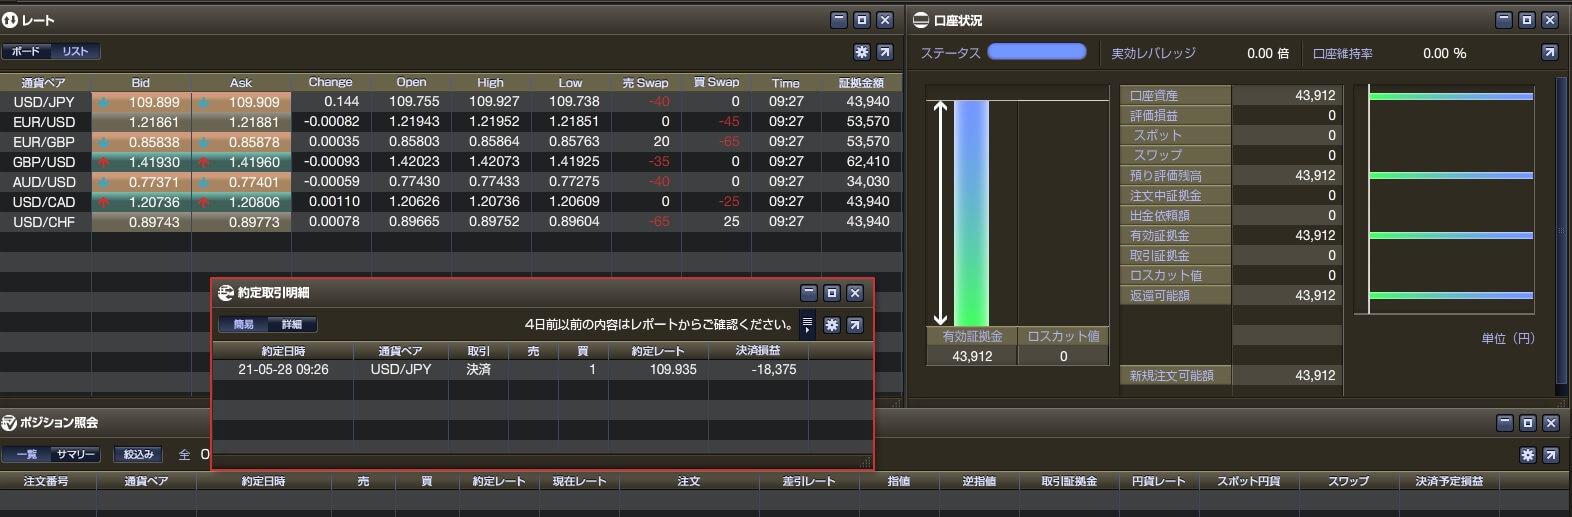 9-ドル円-ドテンショートー1枚ー強制ロスカット-2021年5月28日-9時26分-ポジション状況と口座残高